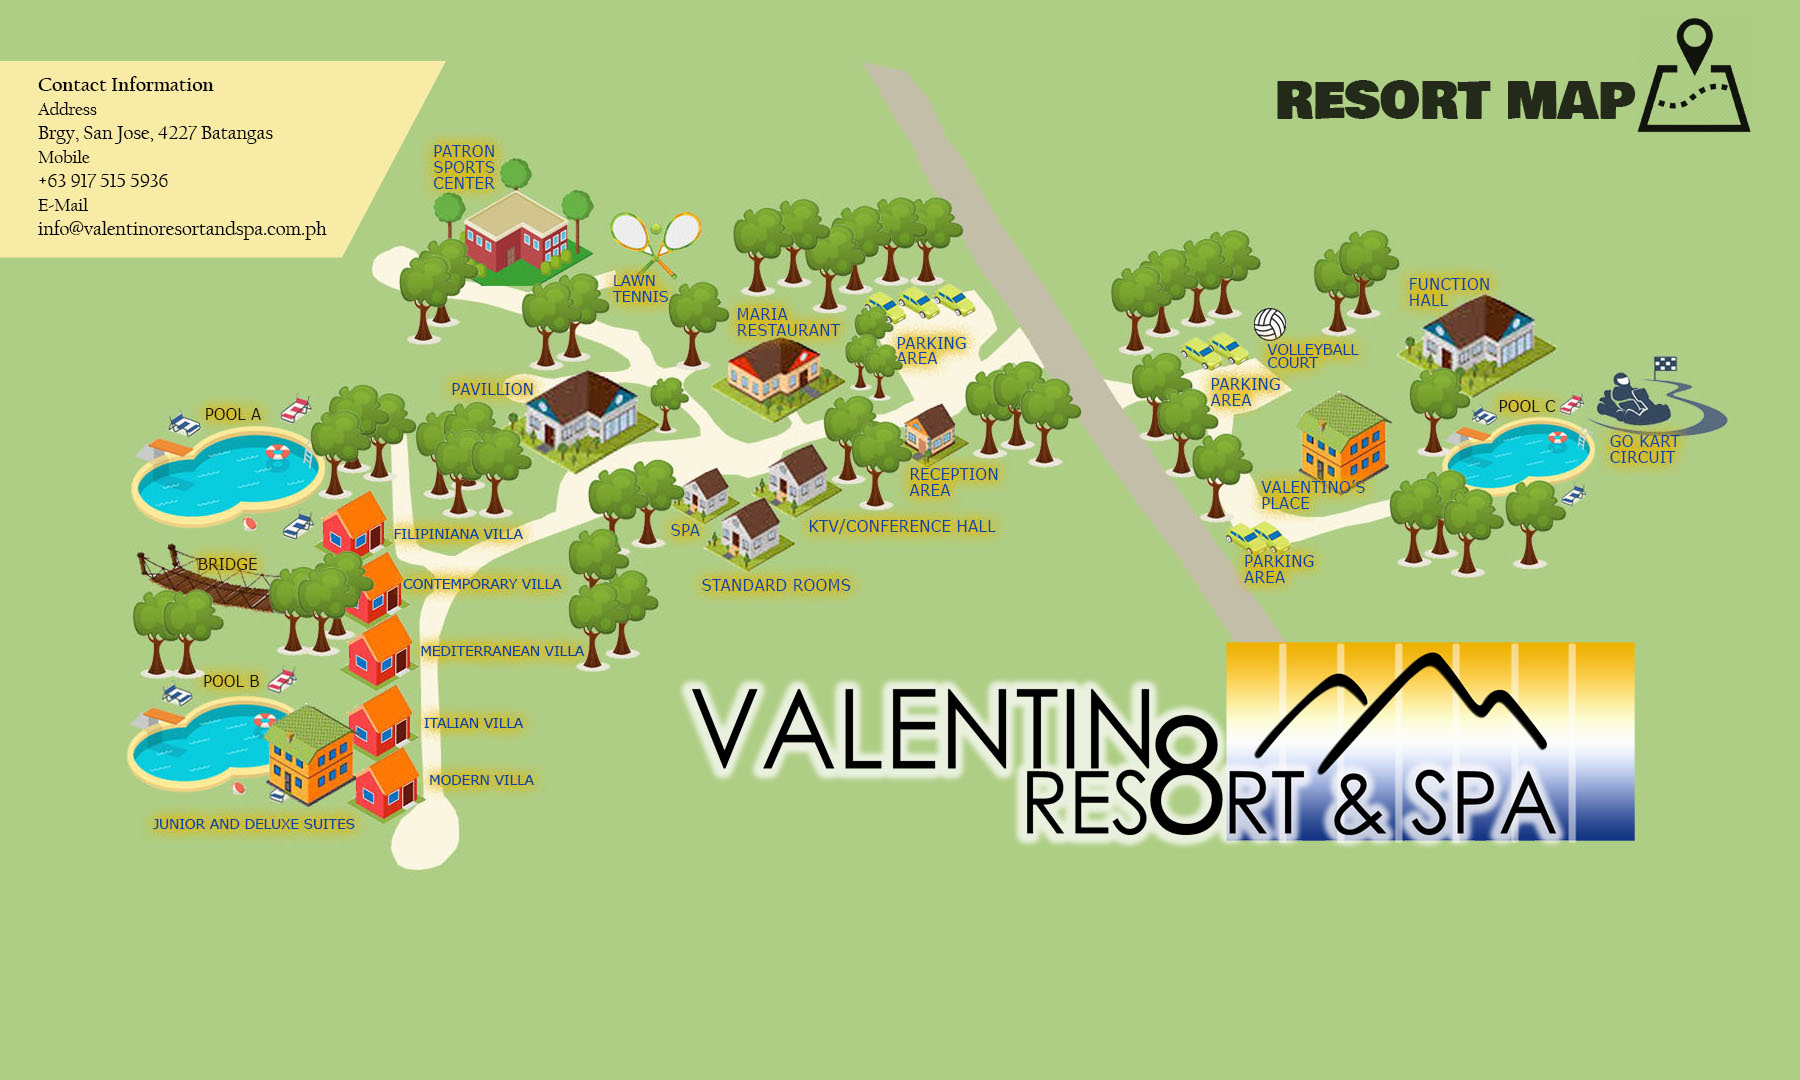 eksklusive tilbud super billig Kendt Valentino Resort and Spa - Resort Map